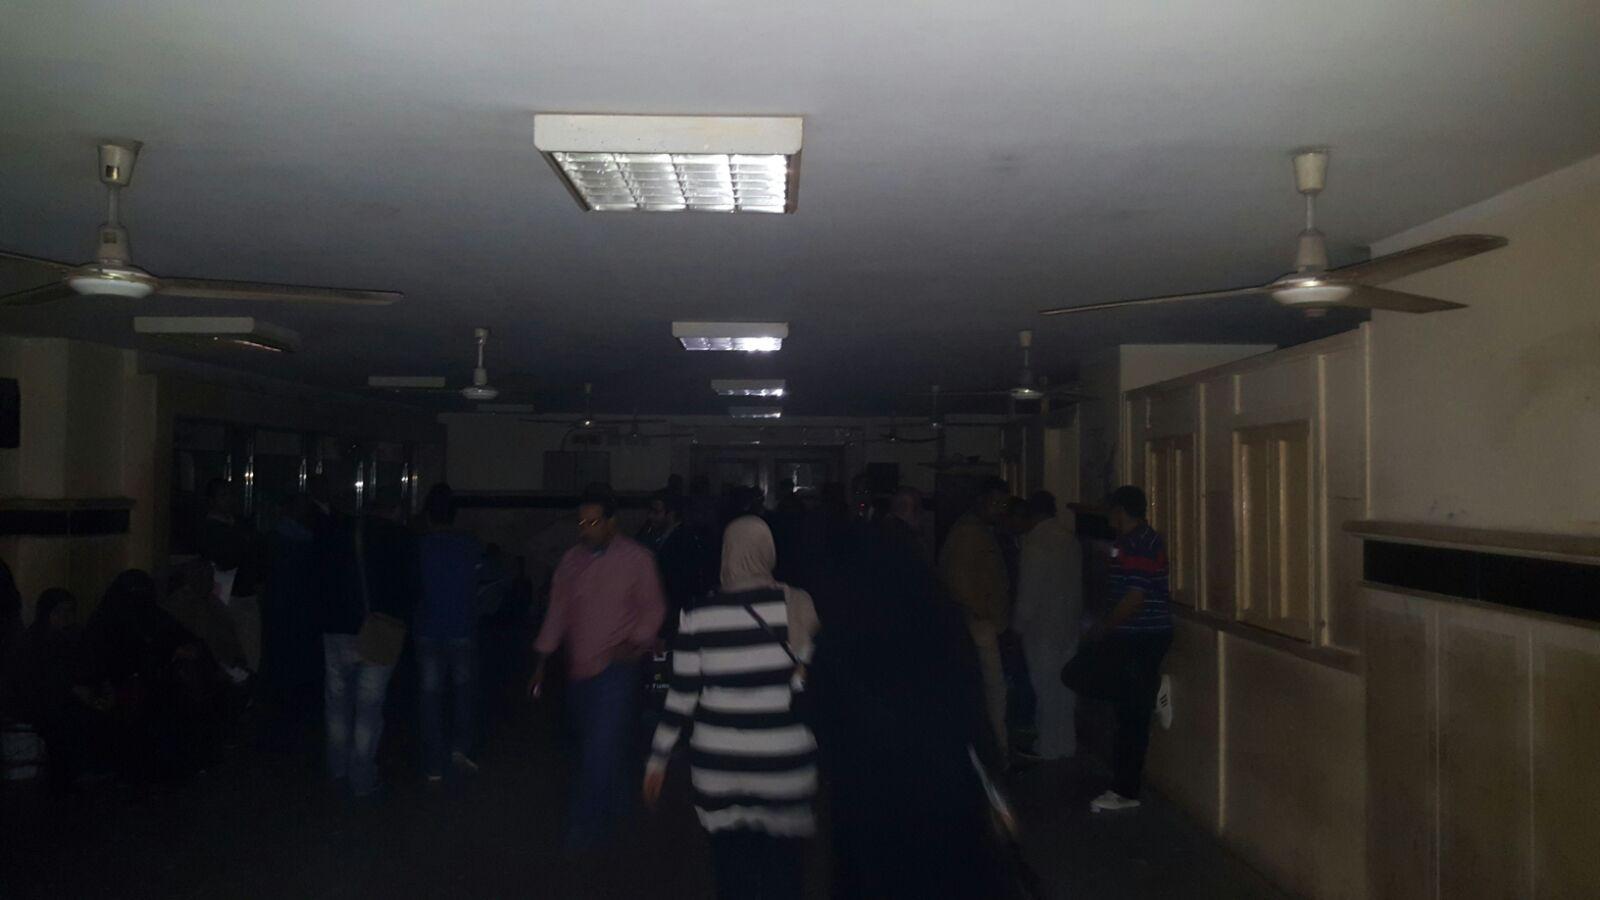 انقطاع الكهرباء في مكتب الشهر العقاري بمحكمة جنوب القاهرة